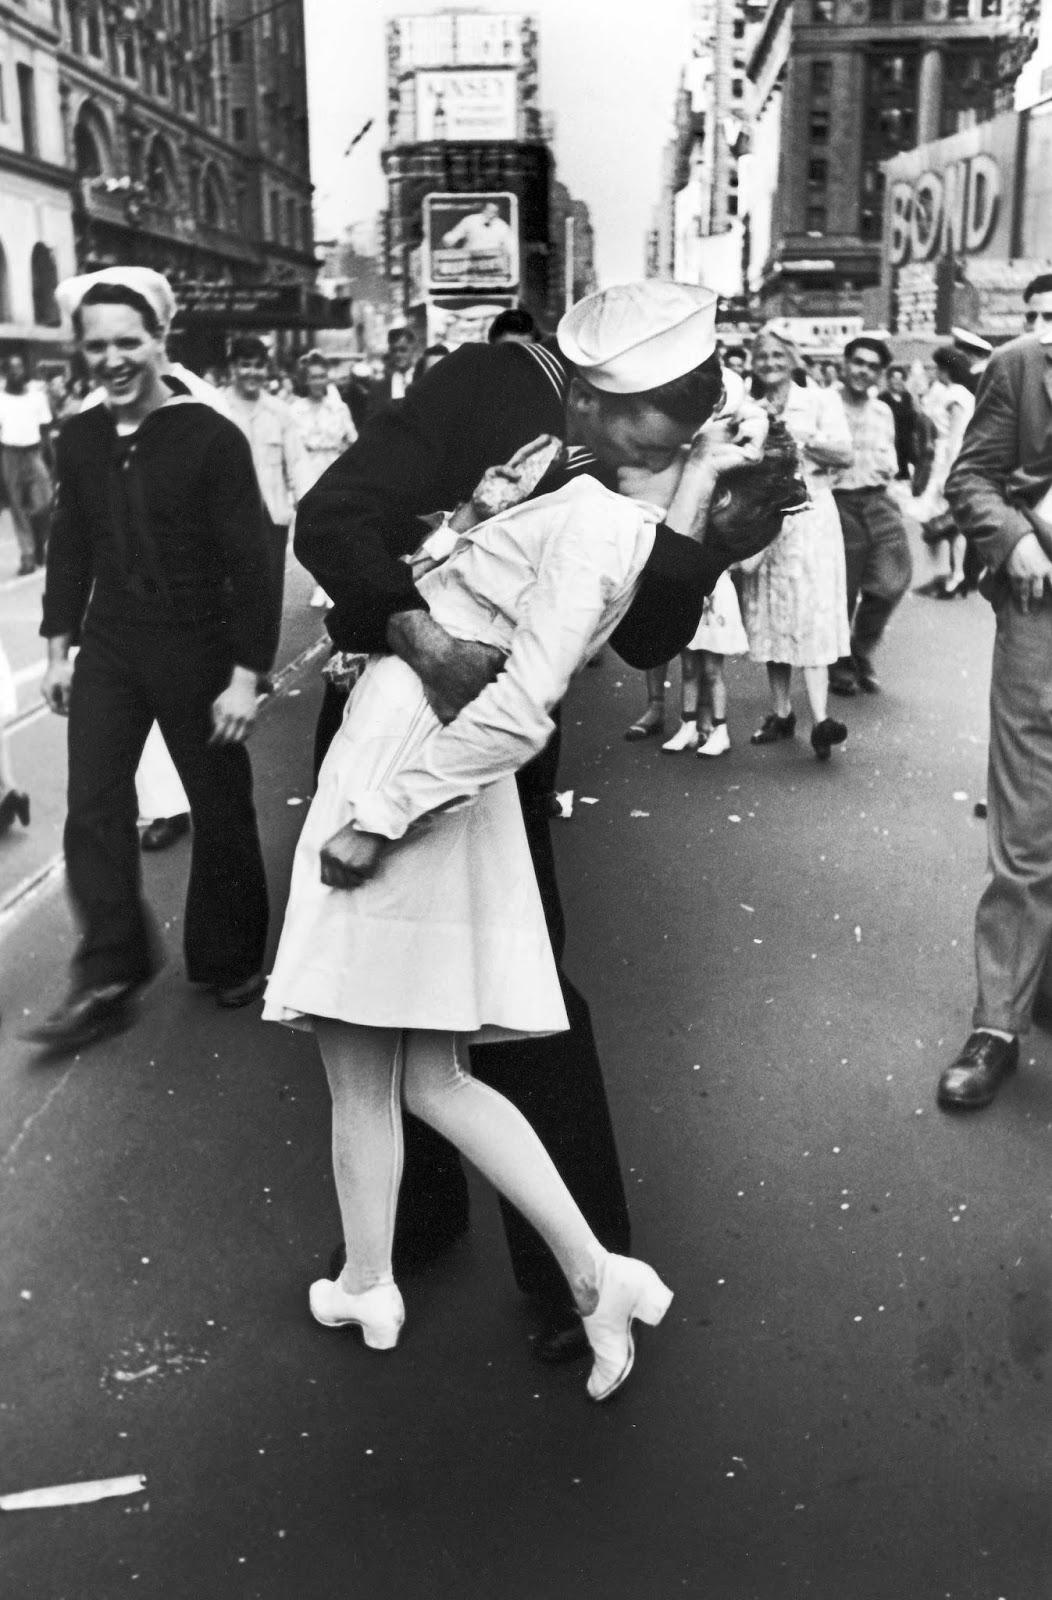 2차세계대전 종전을 상징하는 승리의 키스 사진 속 흥미로운 이야기